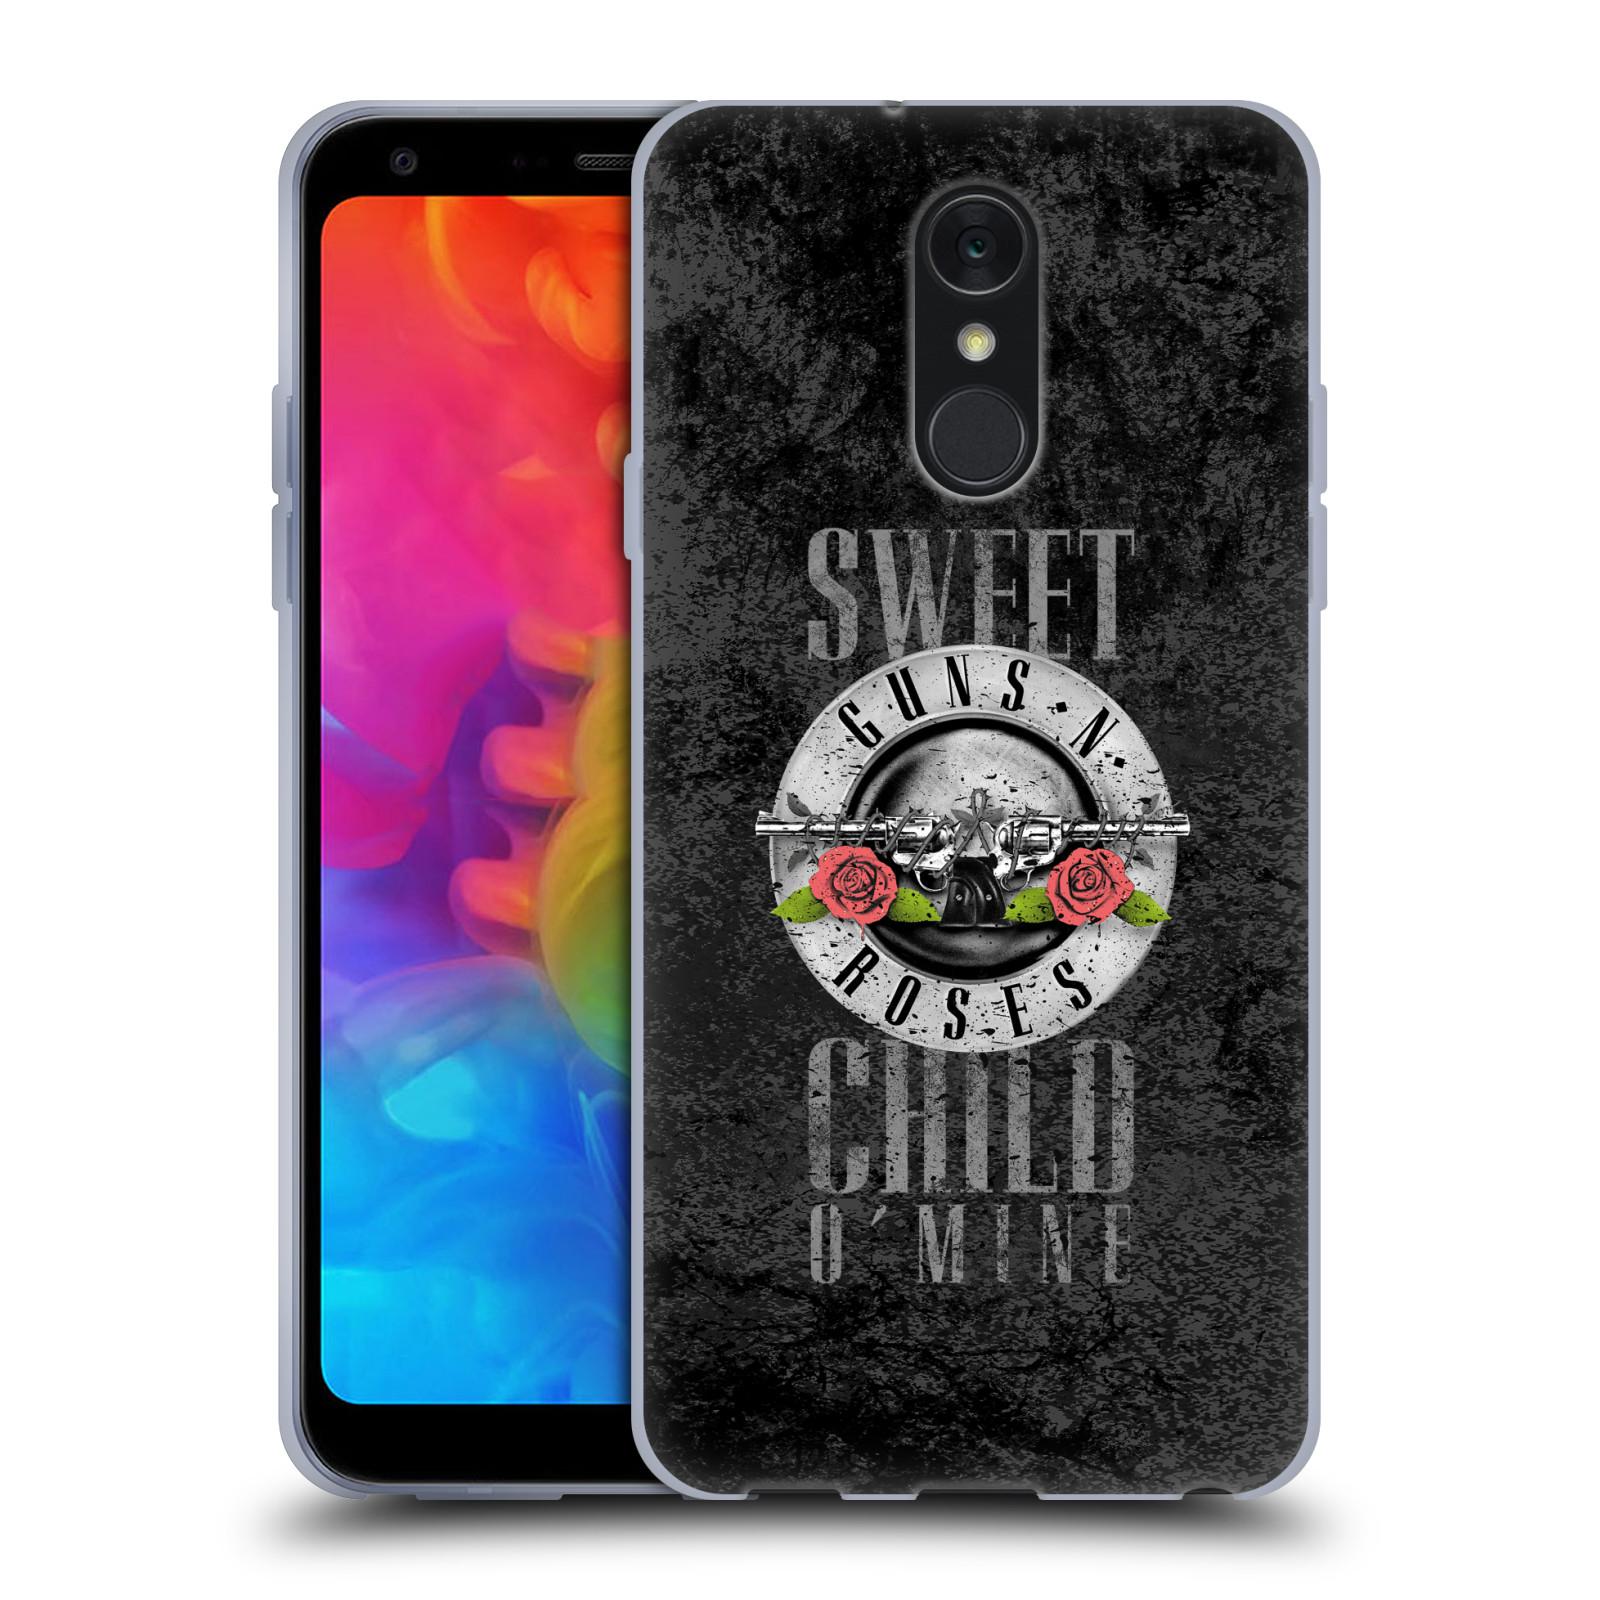 Silikonové pouzdro na mobil LG Q7 - Head Case - Guns N' Roses - Sweet Child